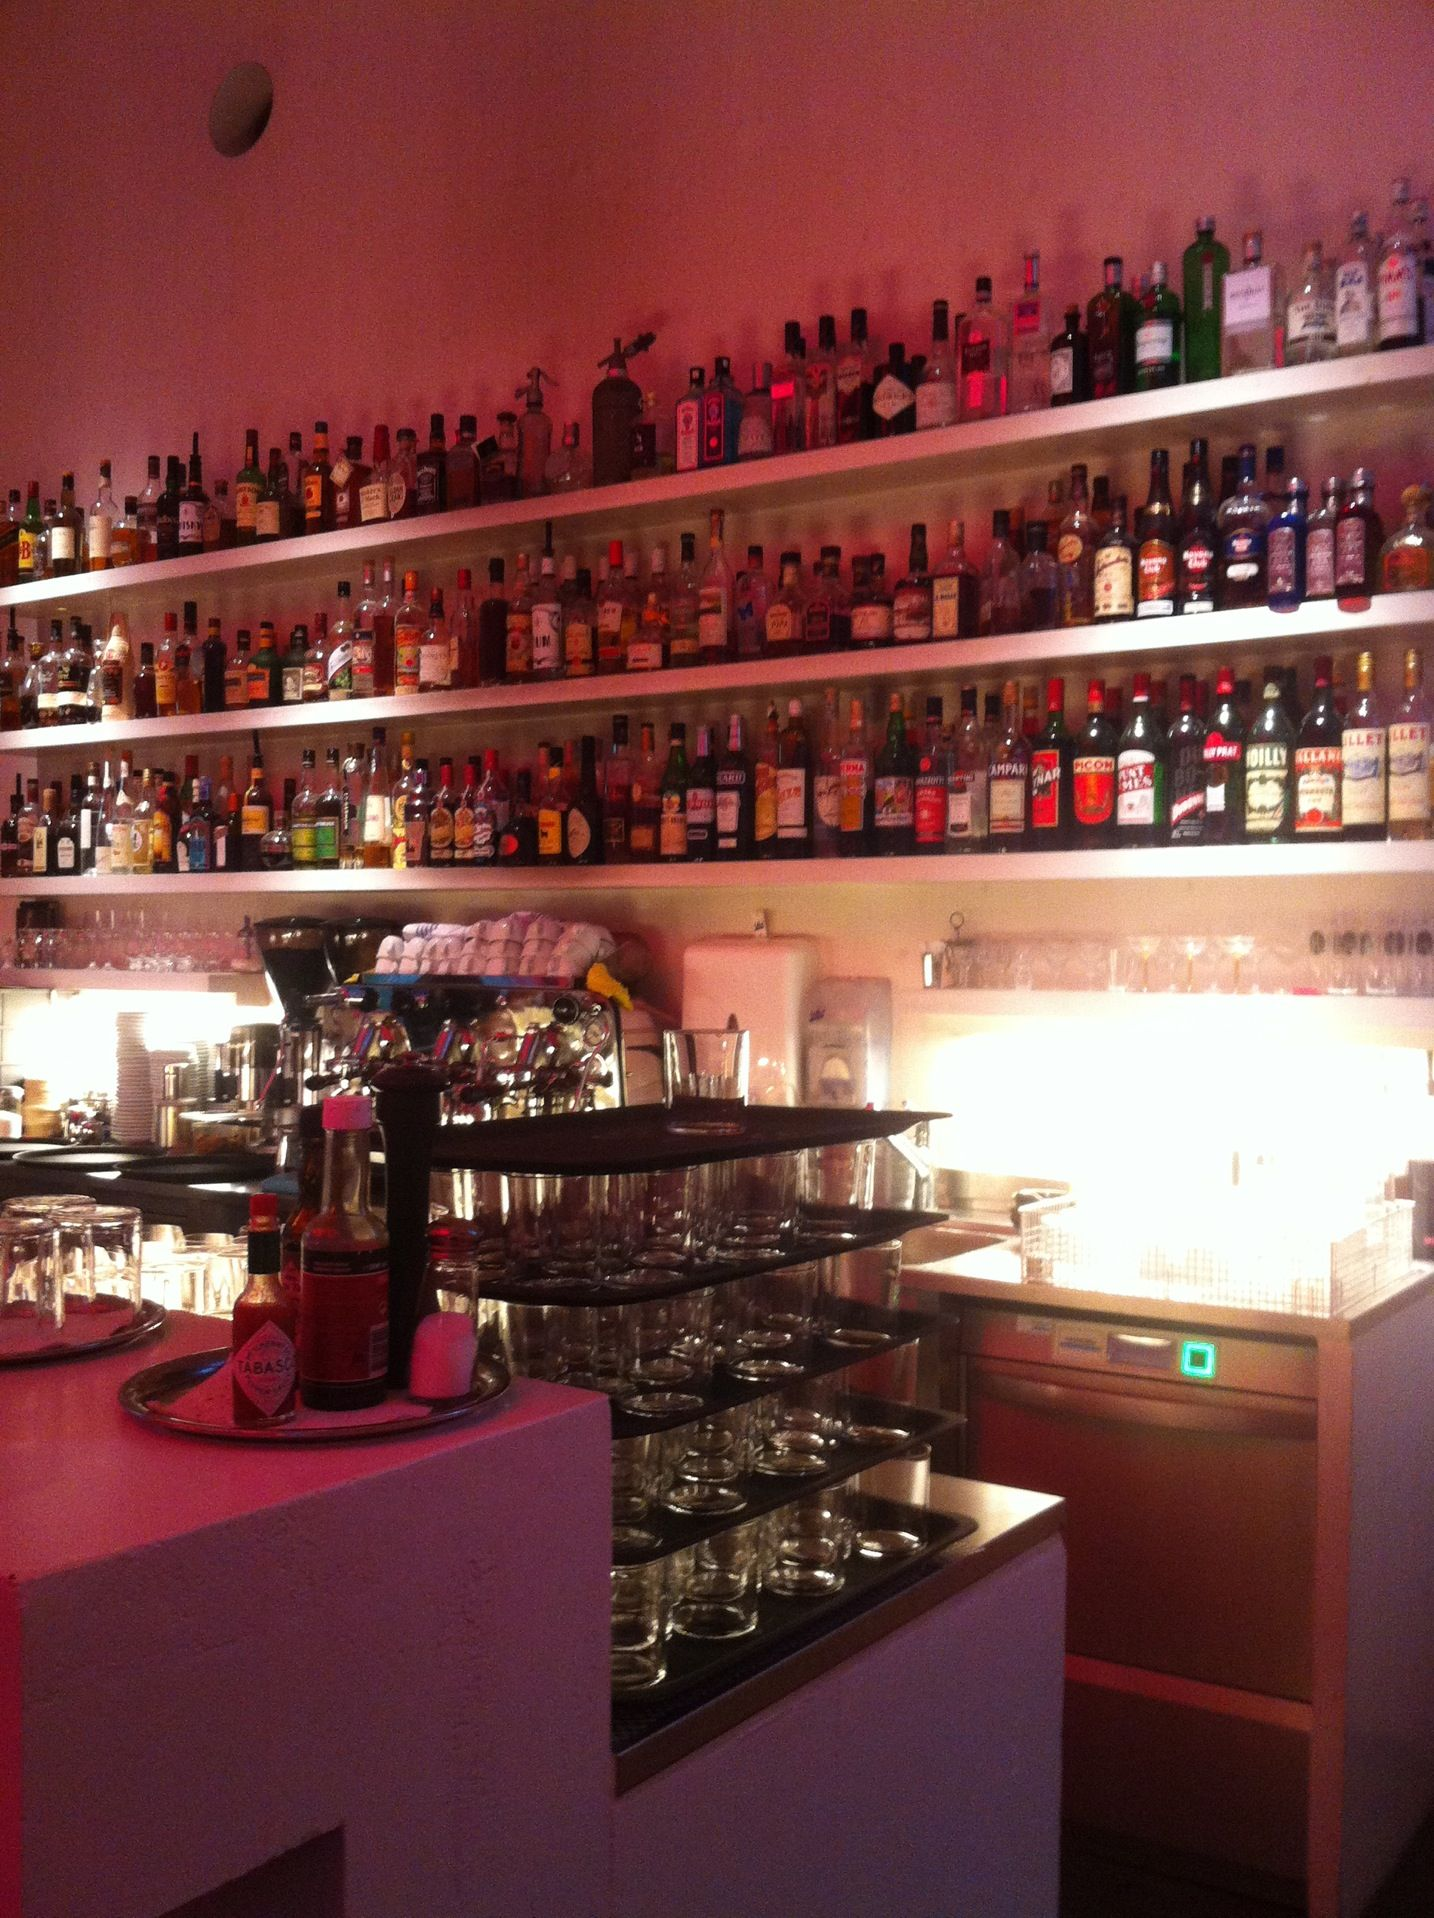 Zum Kuss Caffe Kultur Bar Liquor Cabinet Basel Home Decor